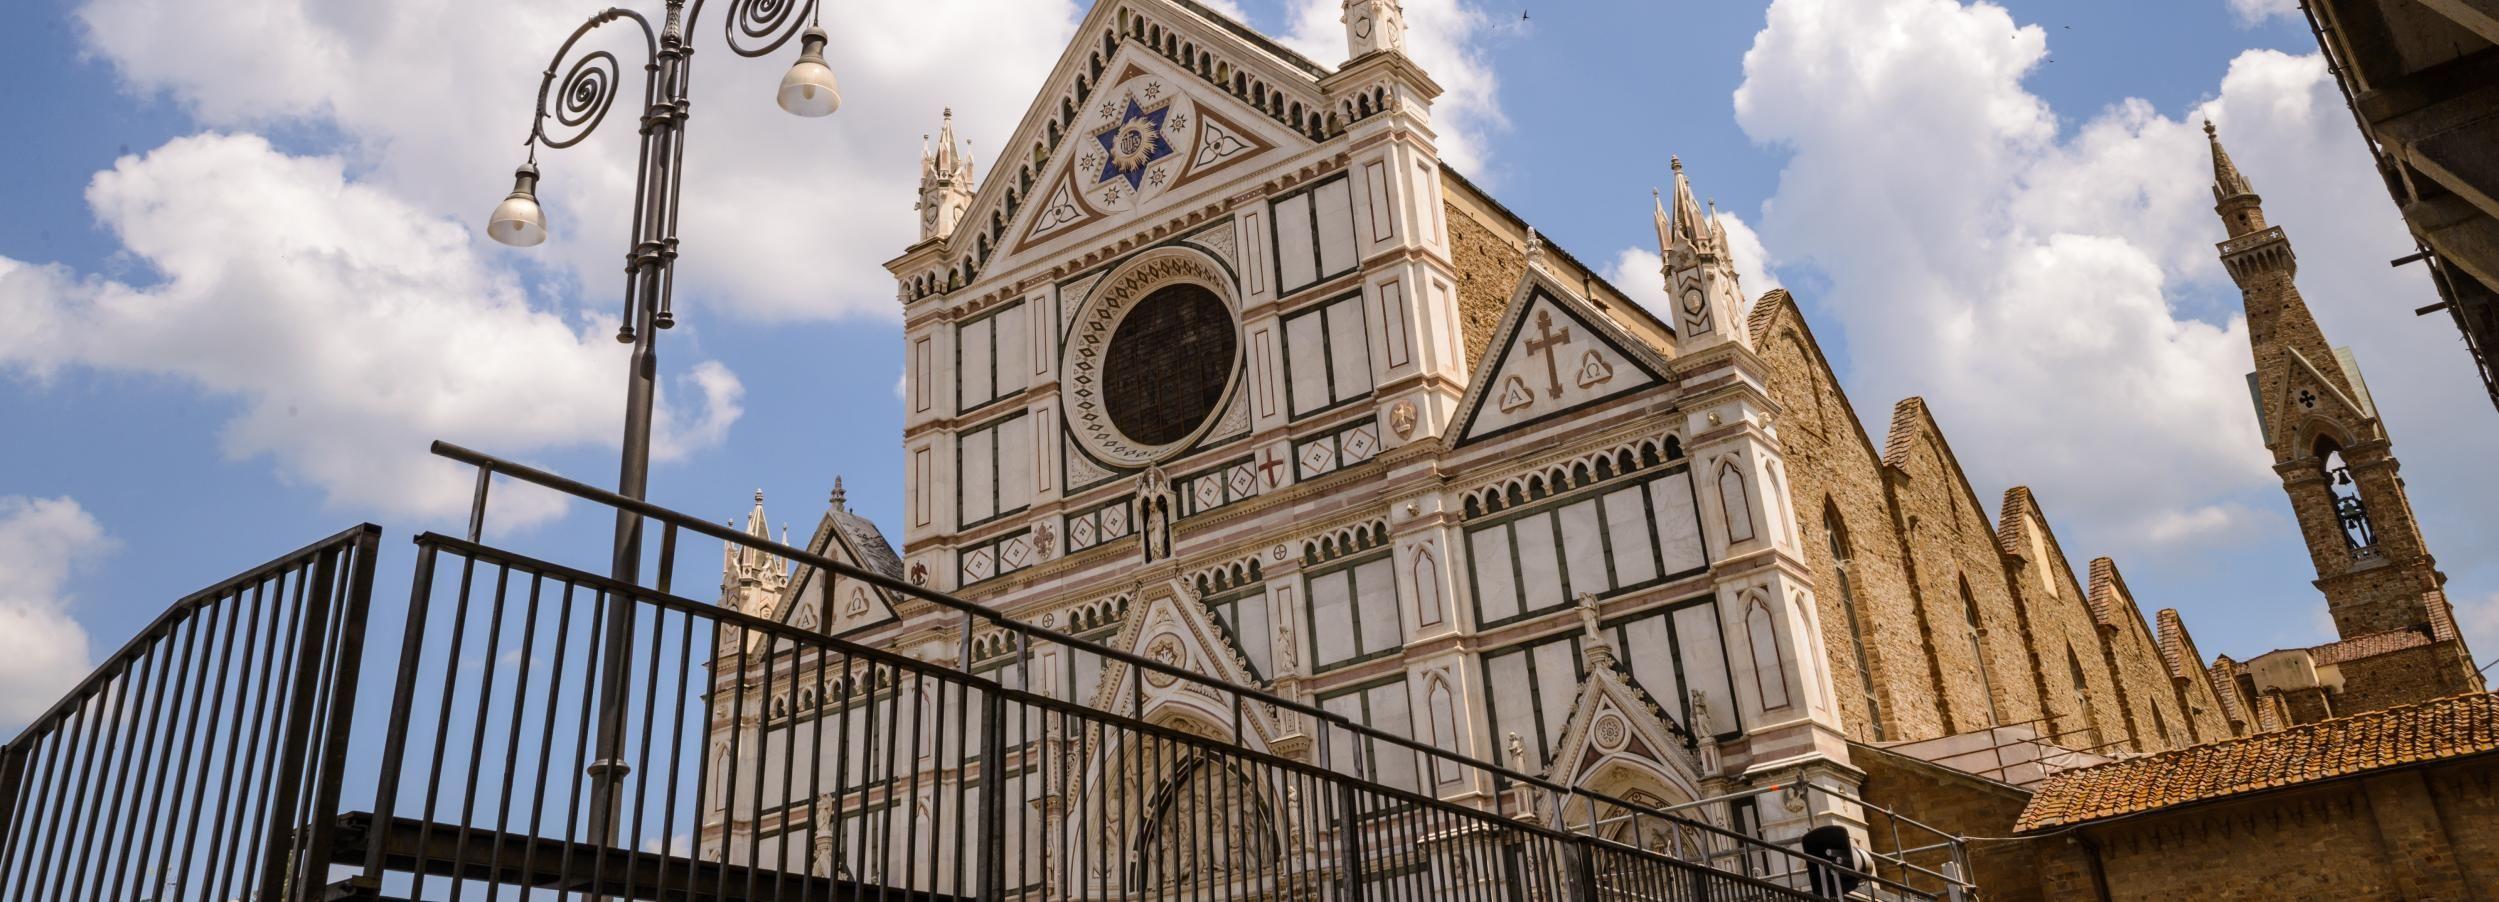 Florença: entrada e visita guiada a Santa Croce